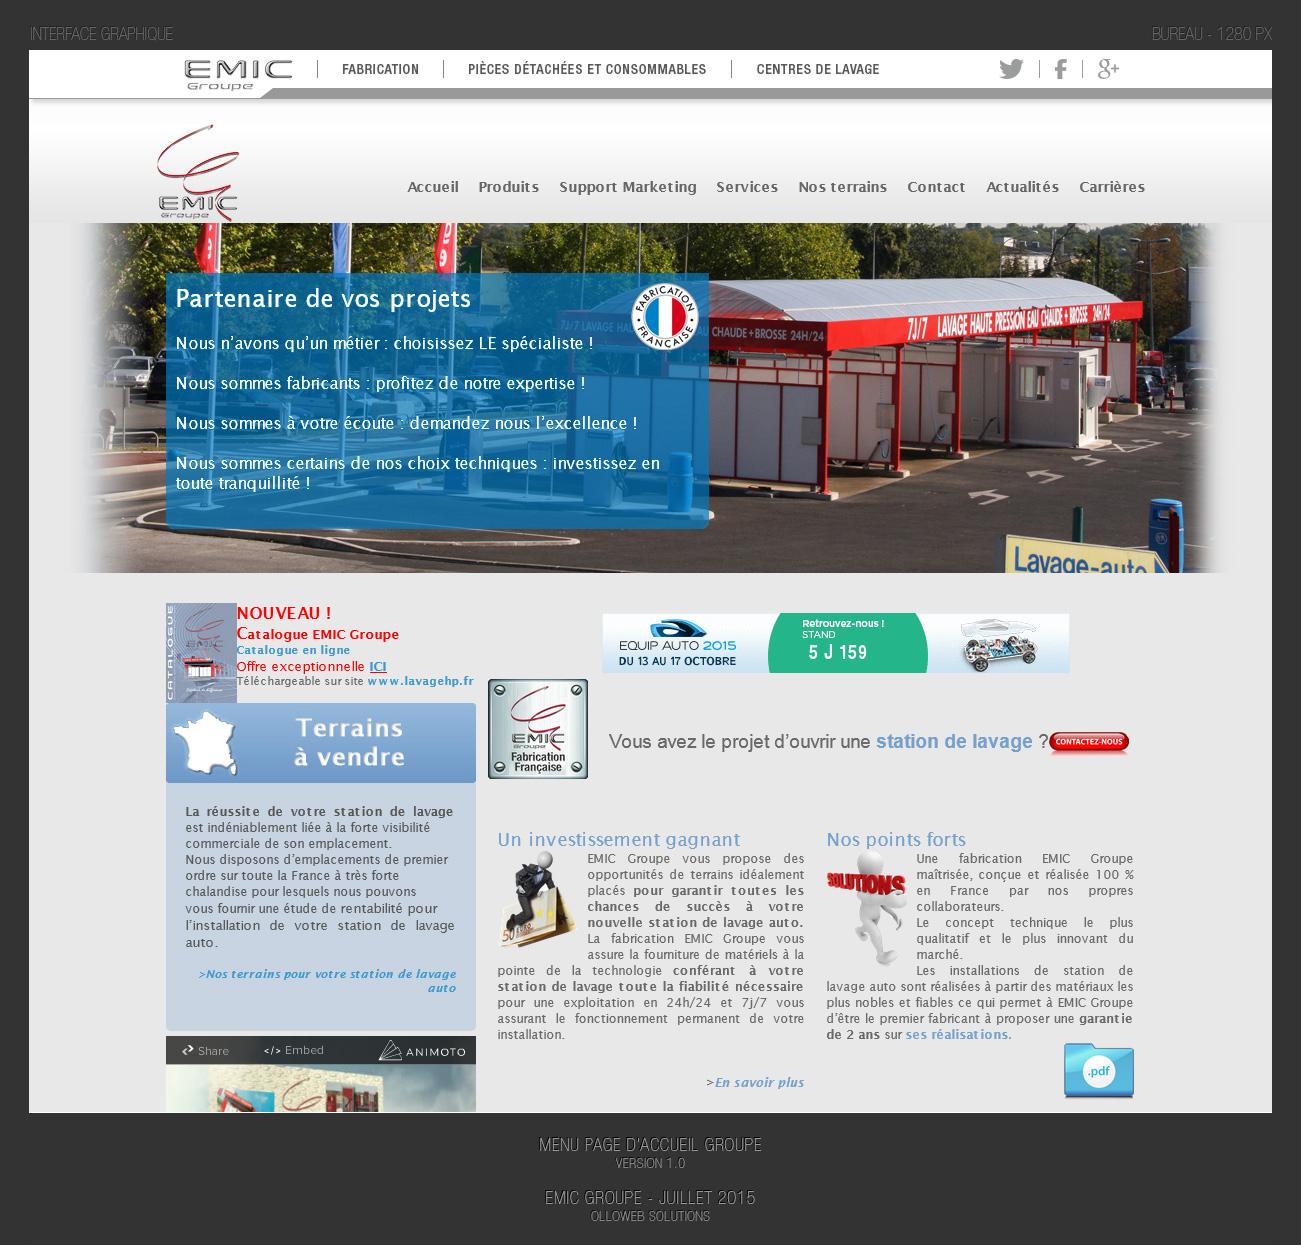 Conception graphique du menu pour l'harmonisation du site Emic Lavage.fr